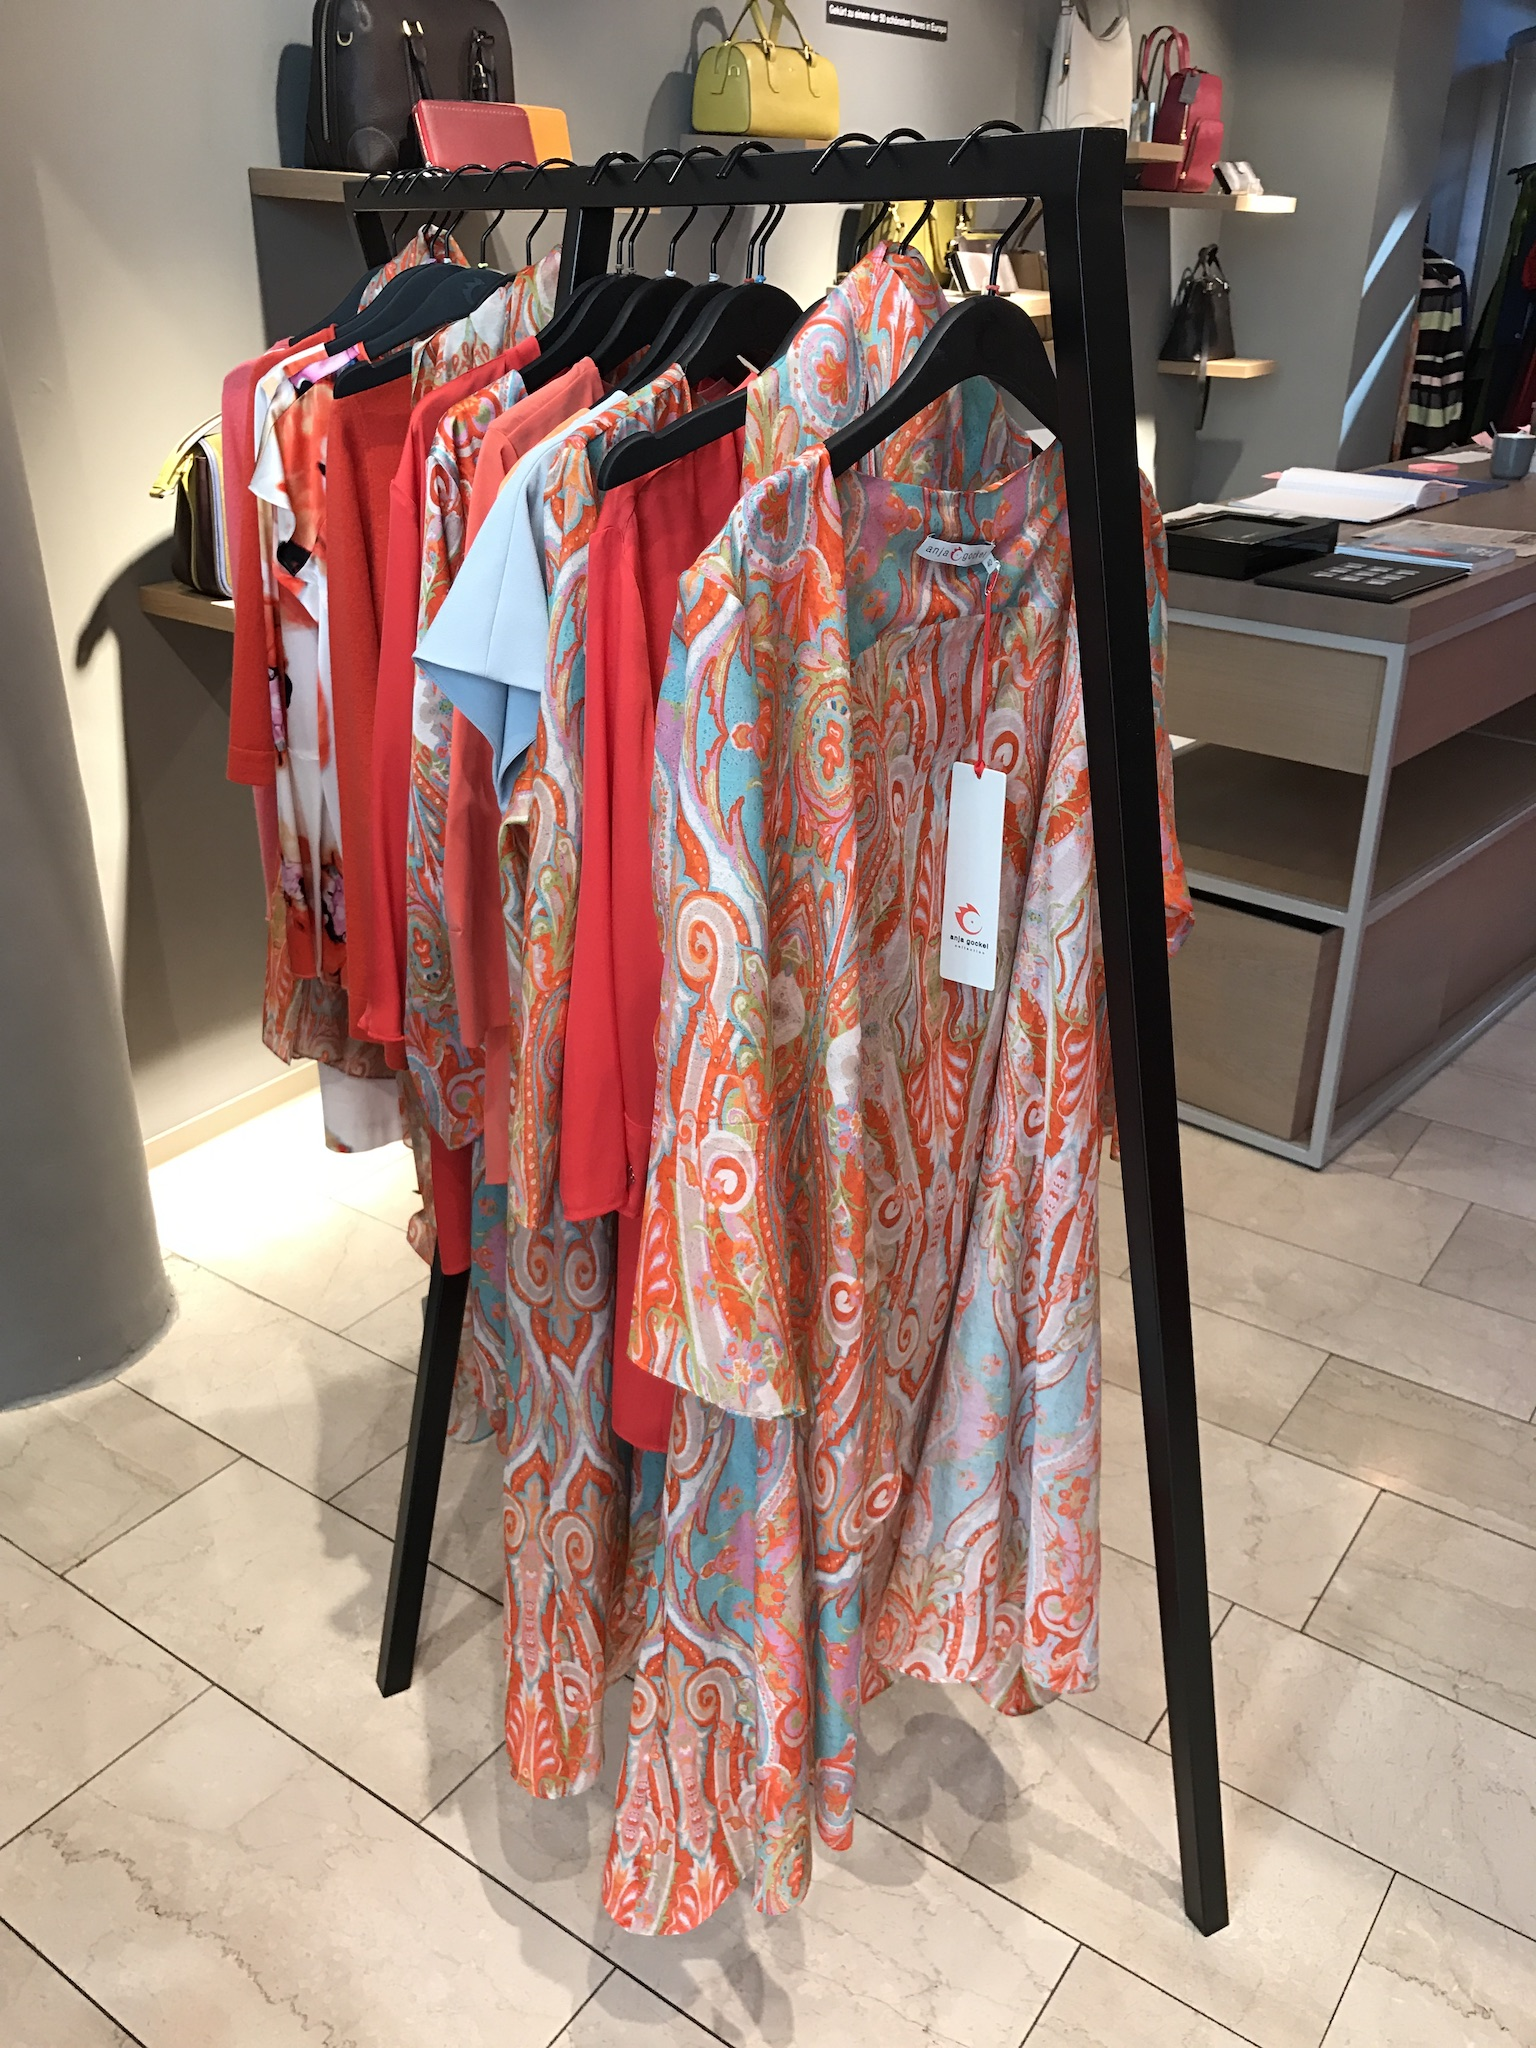 Anja Gockel Boutique, Anja Gockel Köln Boutique, Anja Gockel Bluse, Anja Gockel Seidenmantel, Fashion-Blog, Lieblingsstil.com